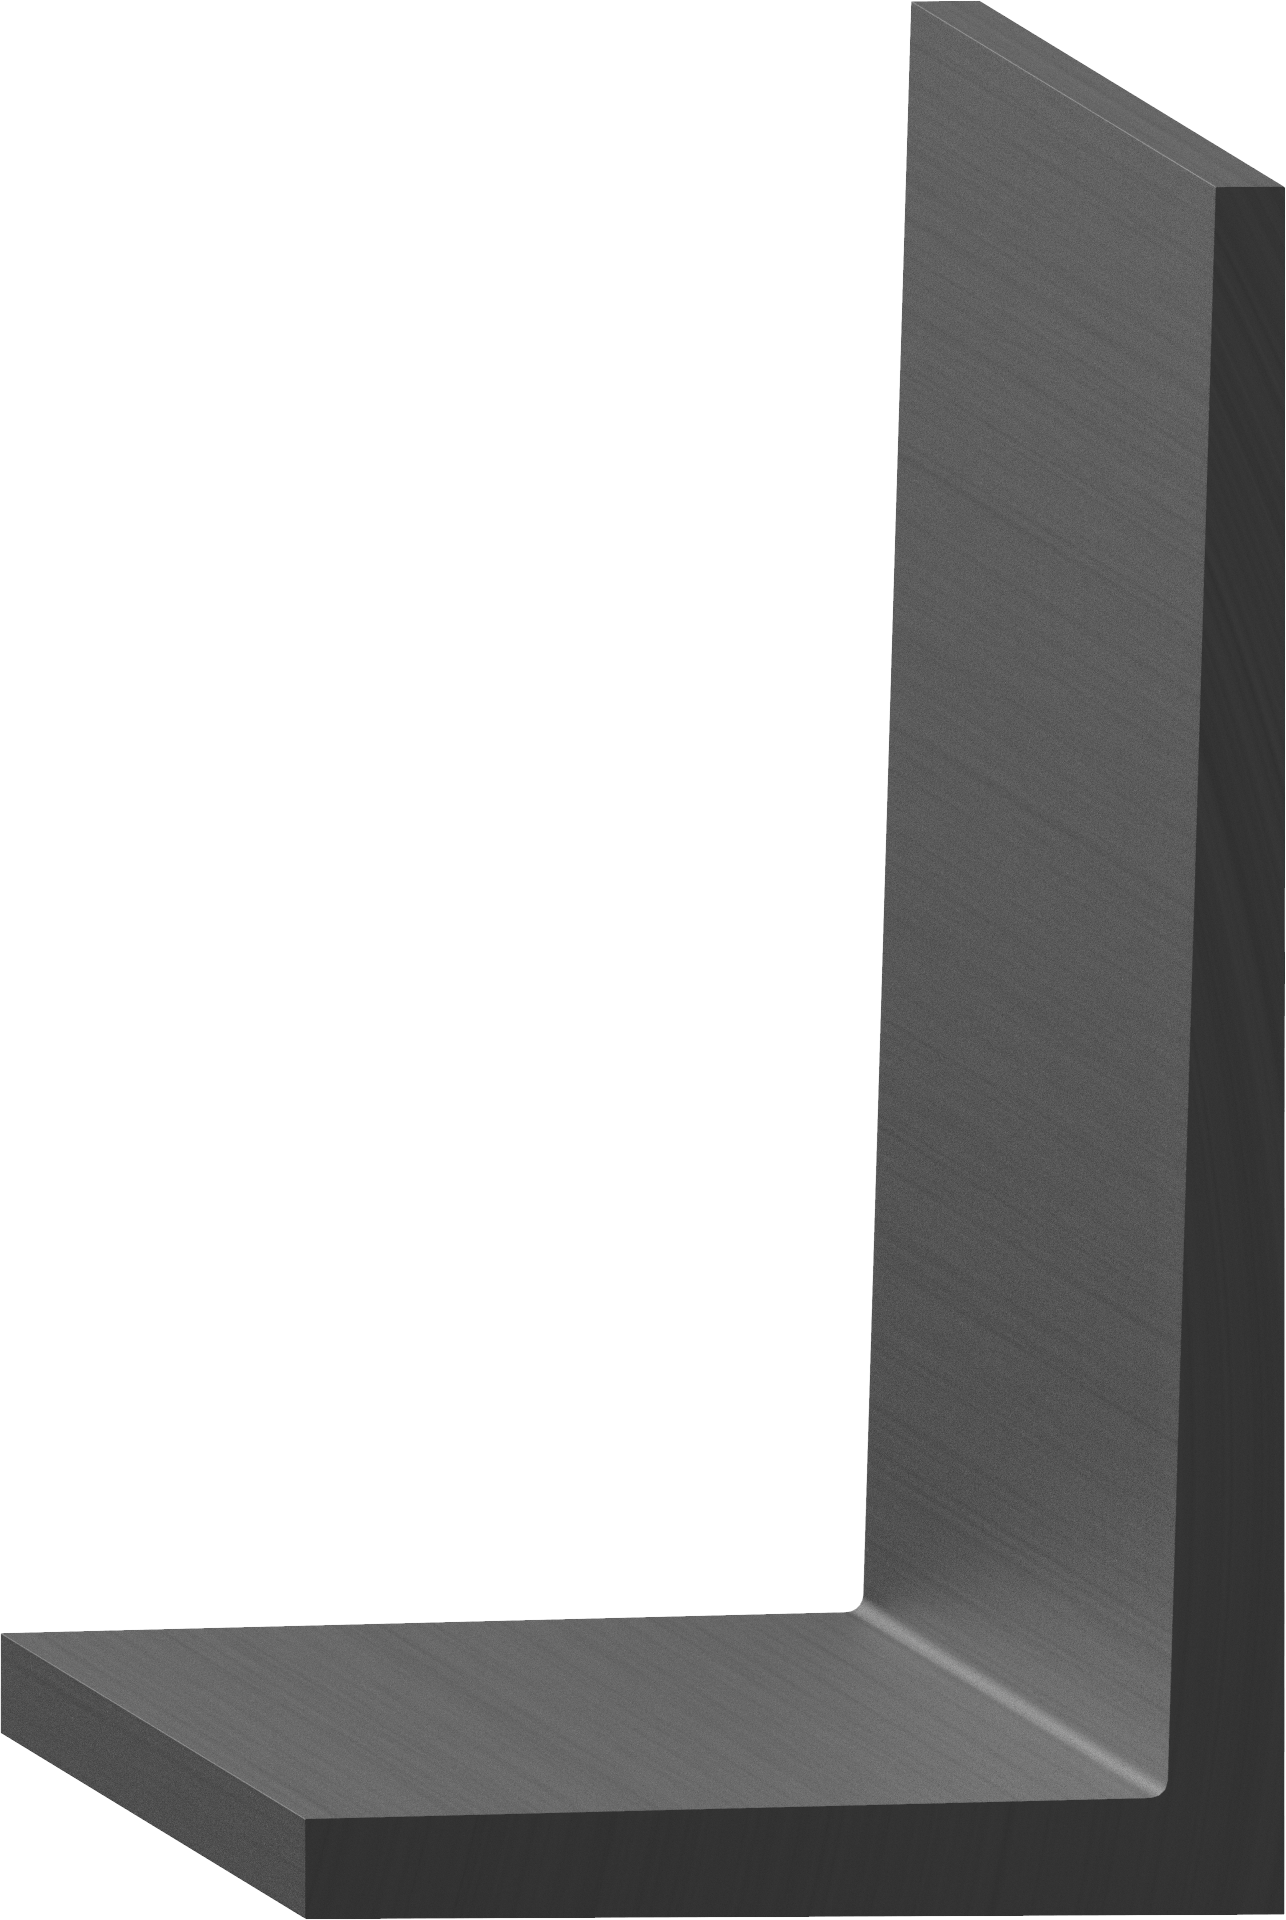 Uni-Grip part: SD-337